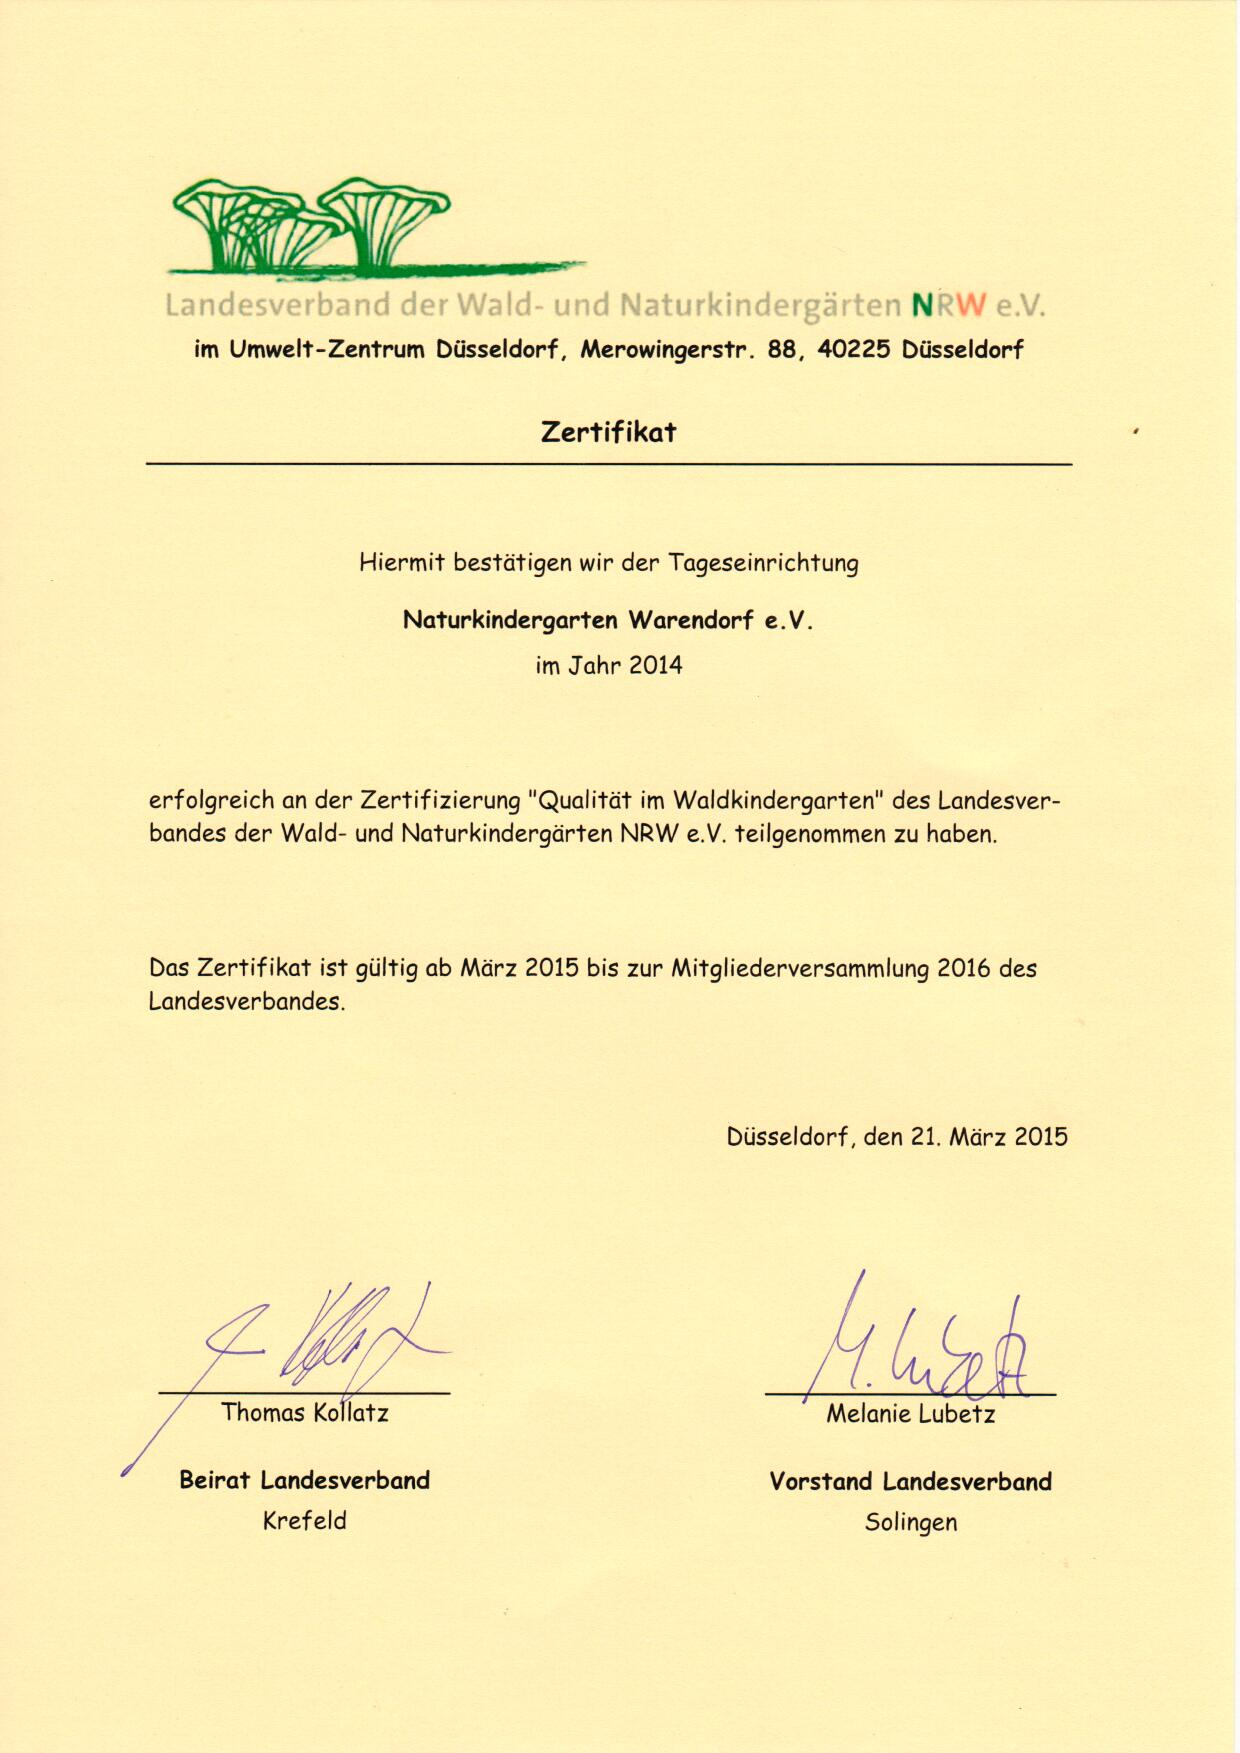 Zertifikat_Naturkindergarten_Warendorf